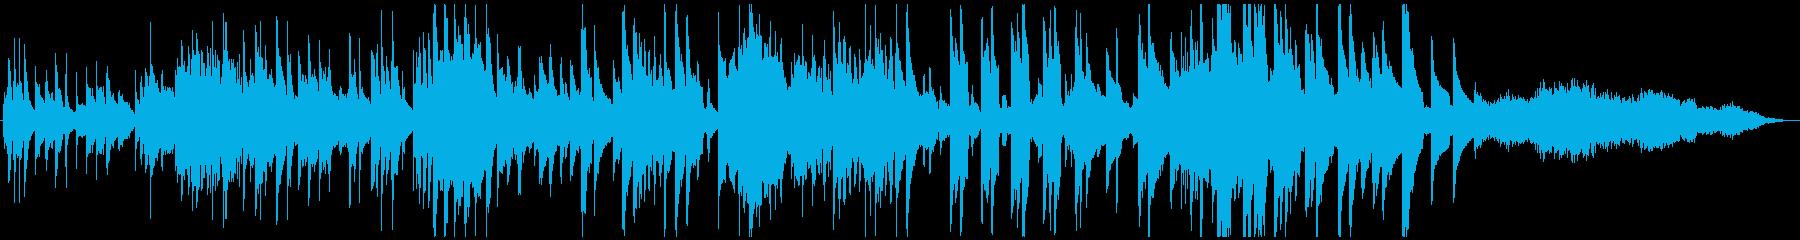 ピアノフォルテの雰囲気。実験的。の再生済みの波形